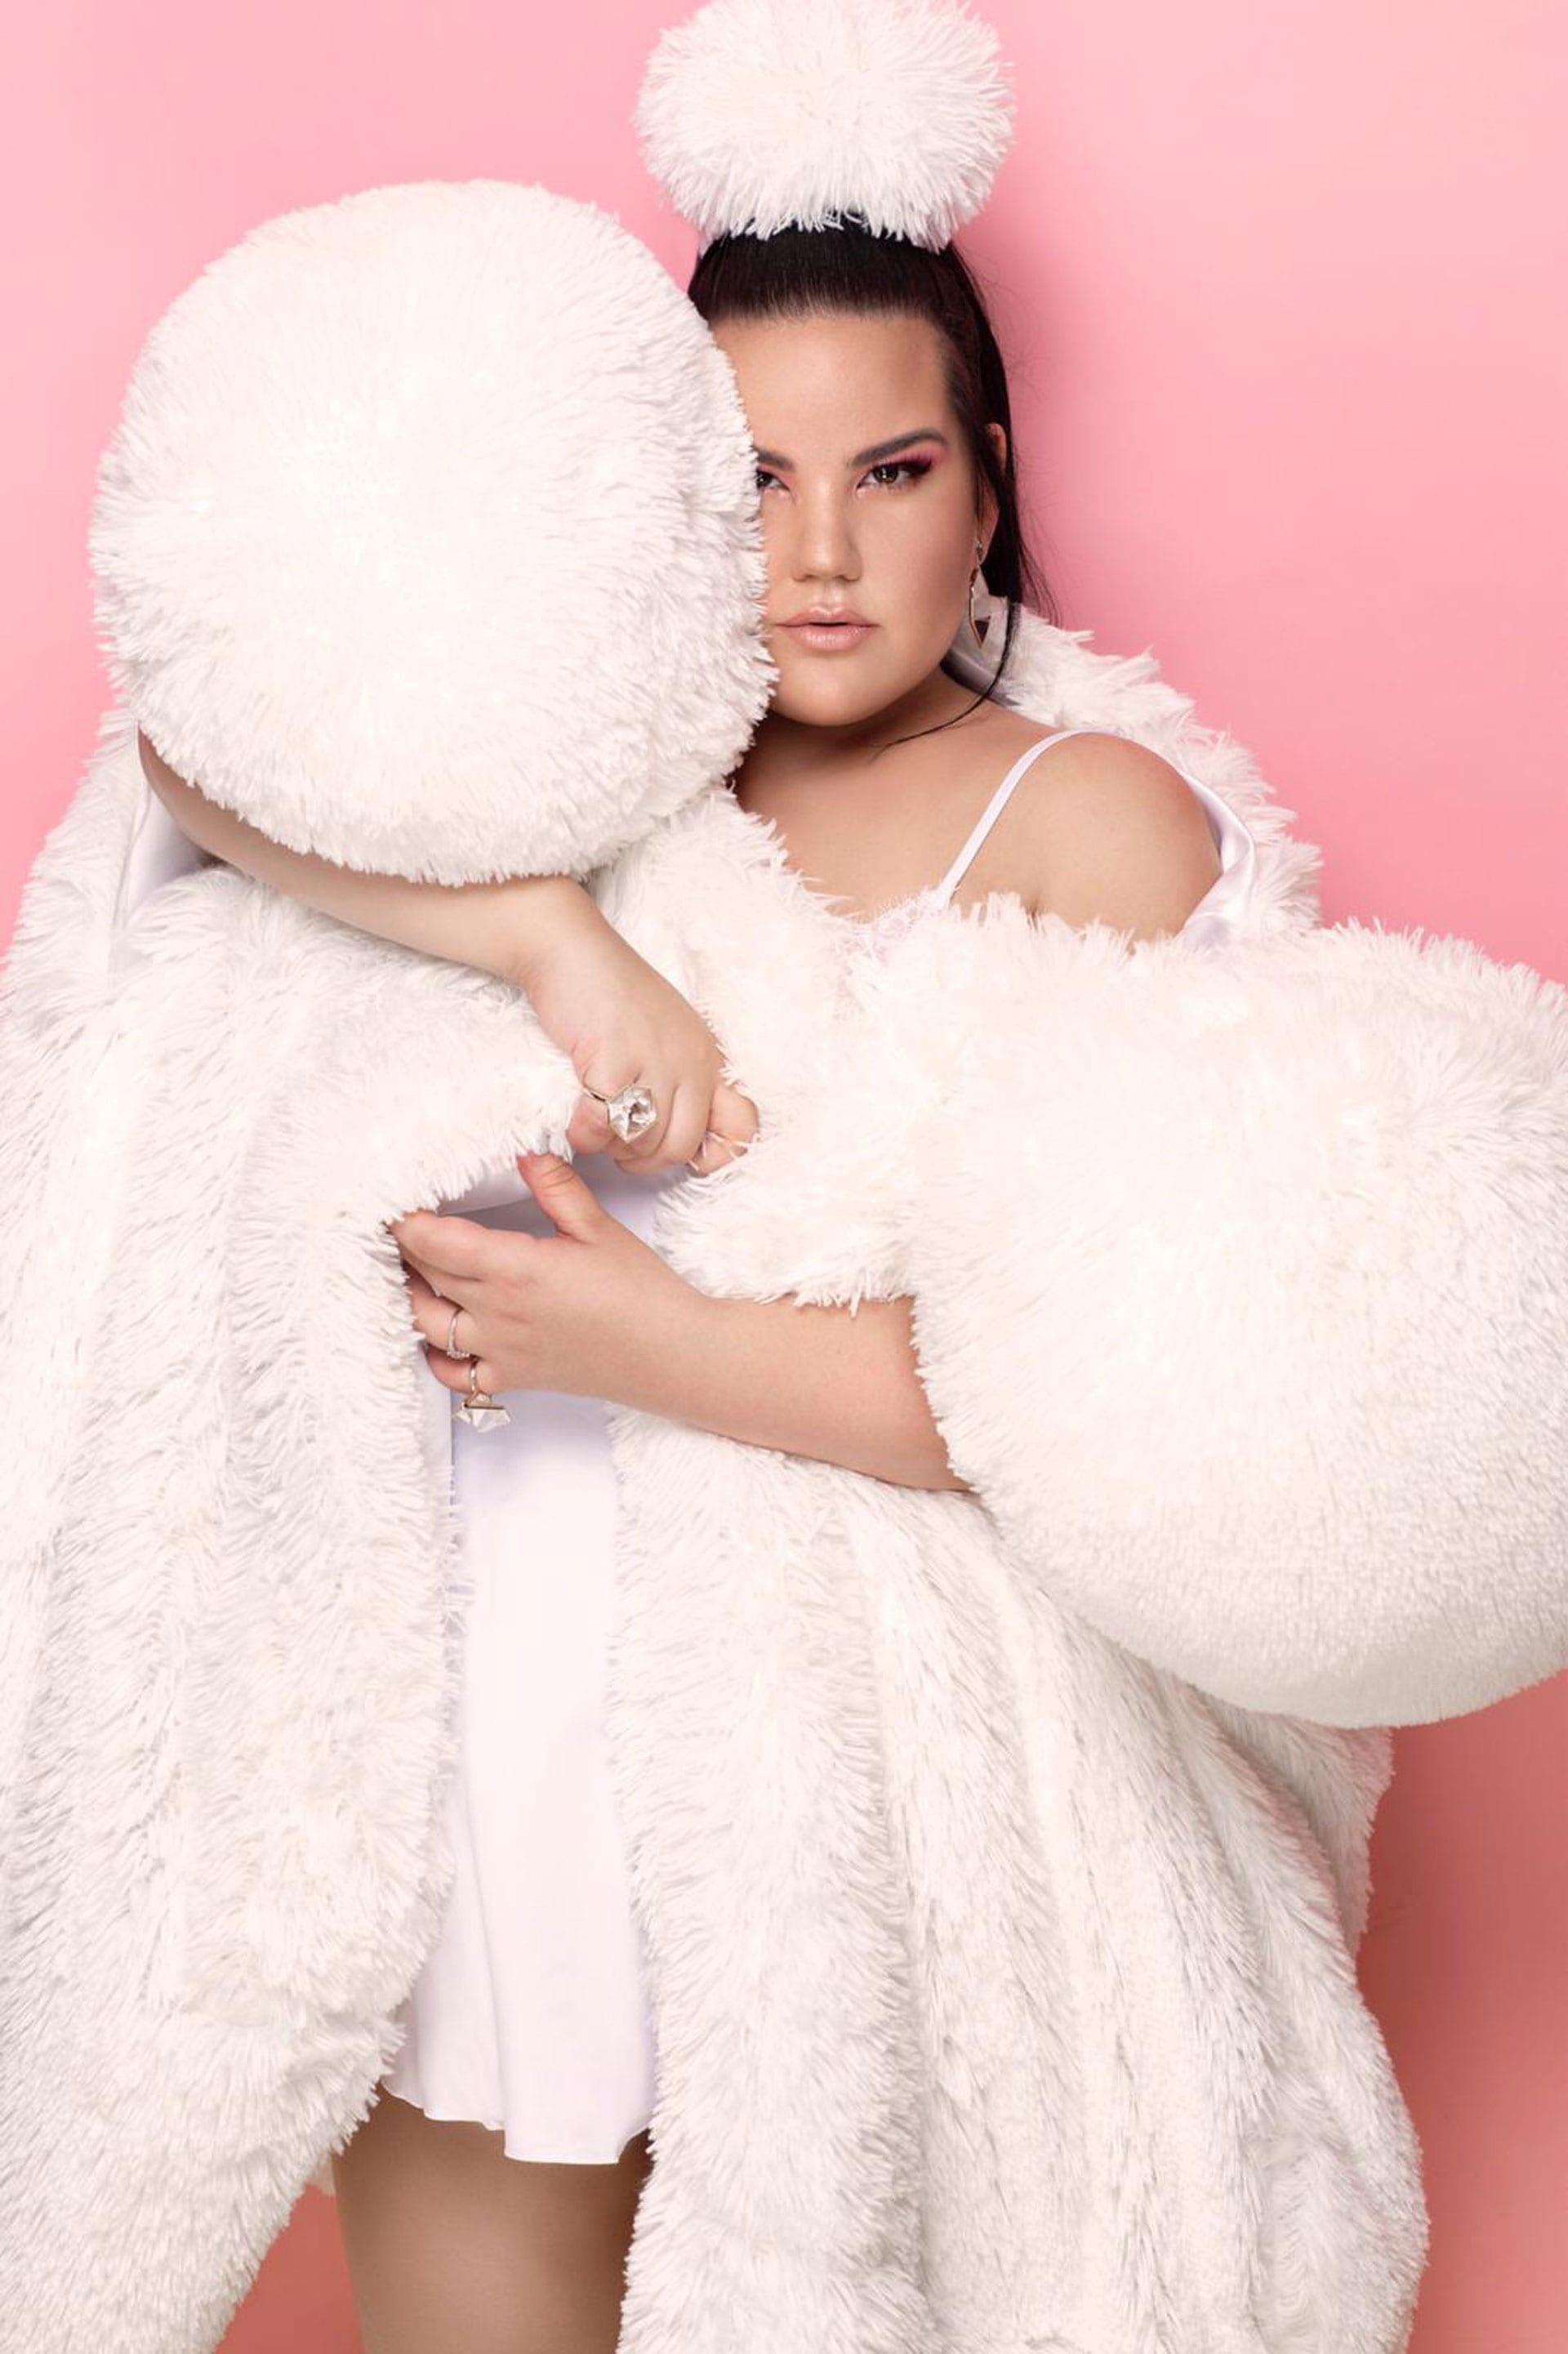 הטע ברזילי, צילום דניאל קמינסקי לשער את, עיצוב שמלה BOOBA MACHO - קארין וסילוק